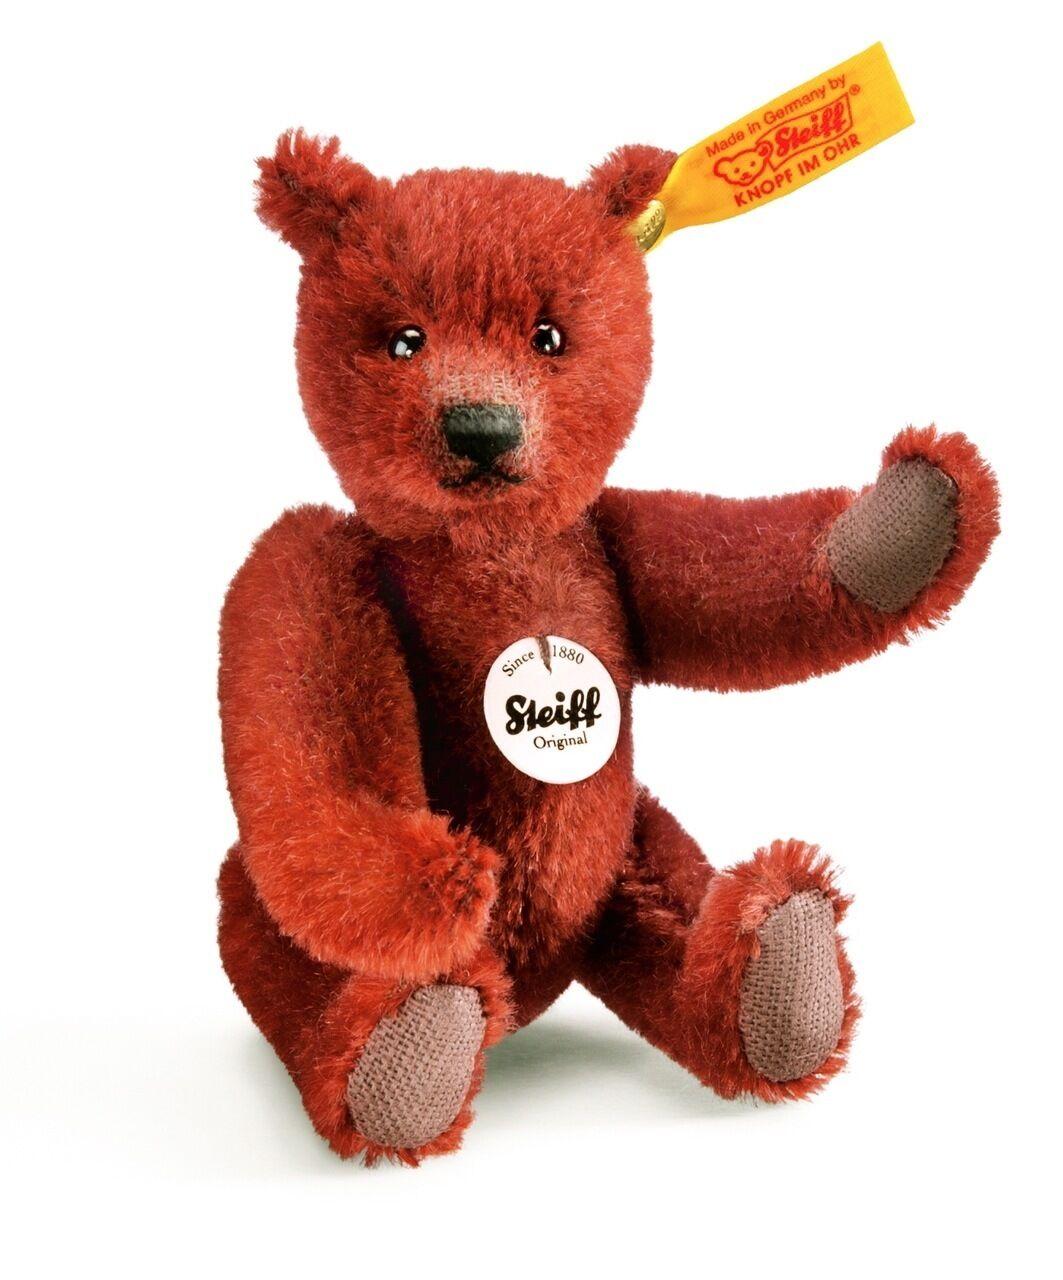 Steiff Classic Mini Teddy Bear EAN 040252 MOHAIR 4.7 inches  12cm